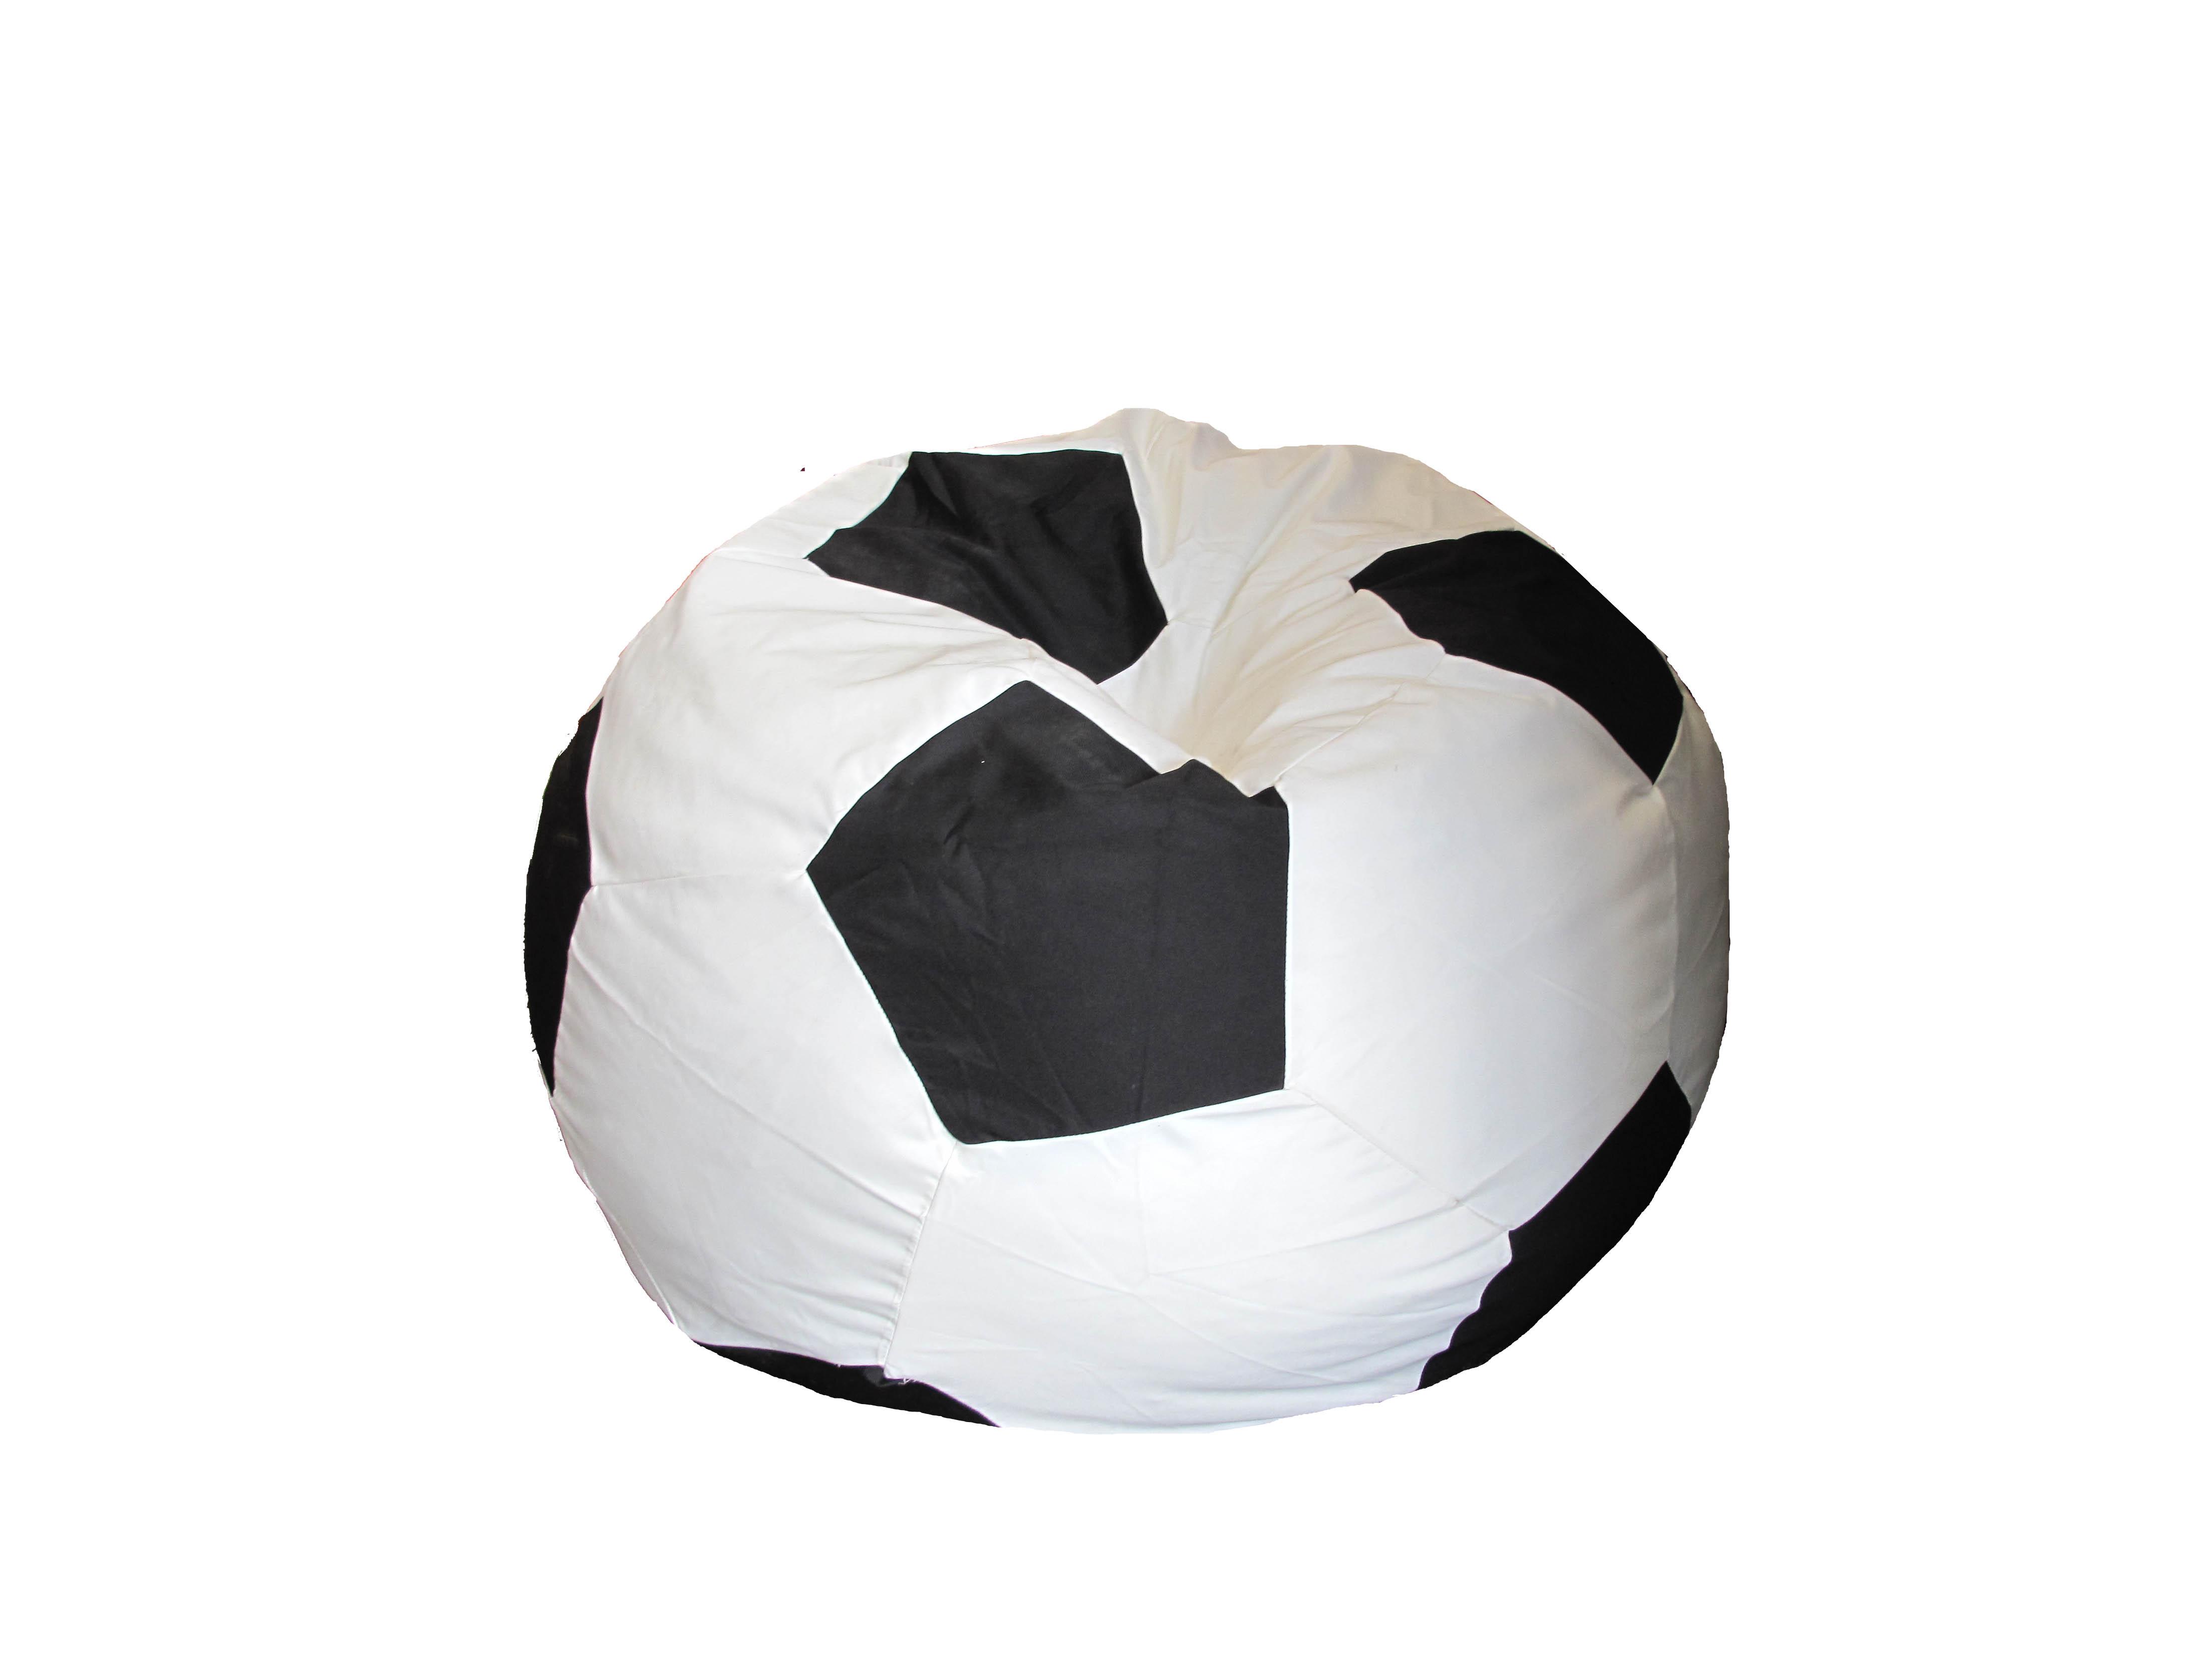 Pouf façon Ballon de Foot - Noir / Blanc - Diamètre 80 cm